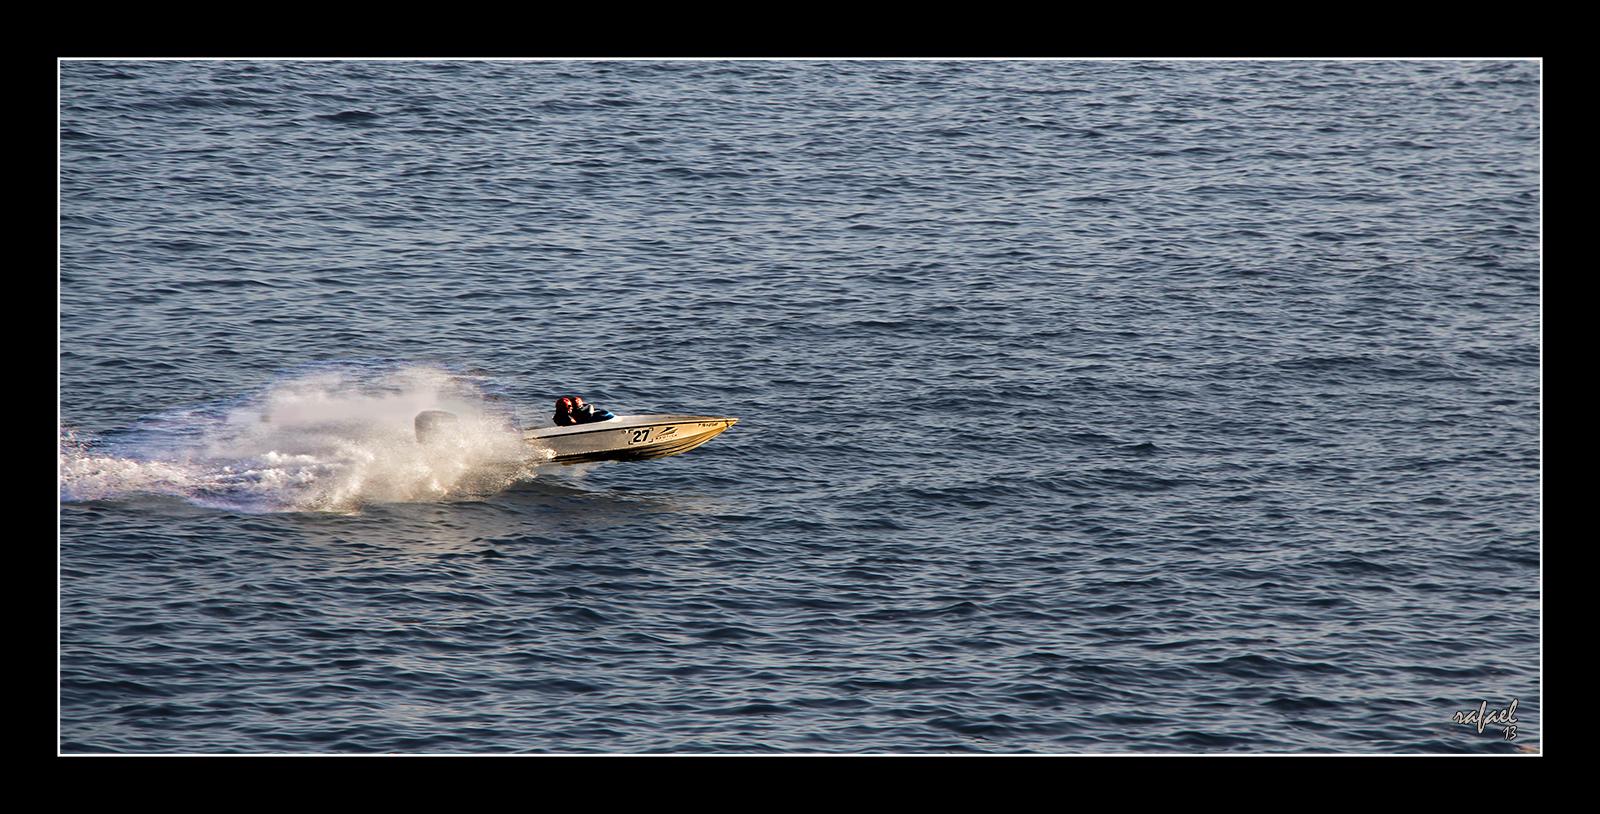 Volando sobre el agua